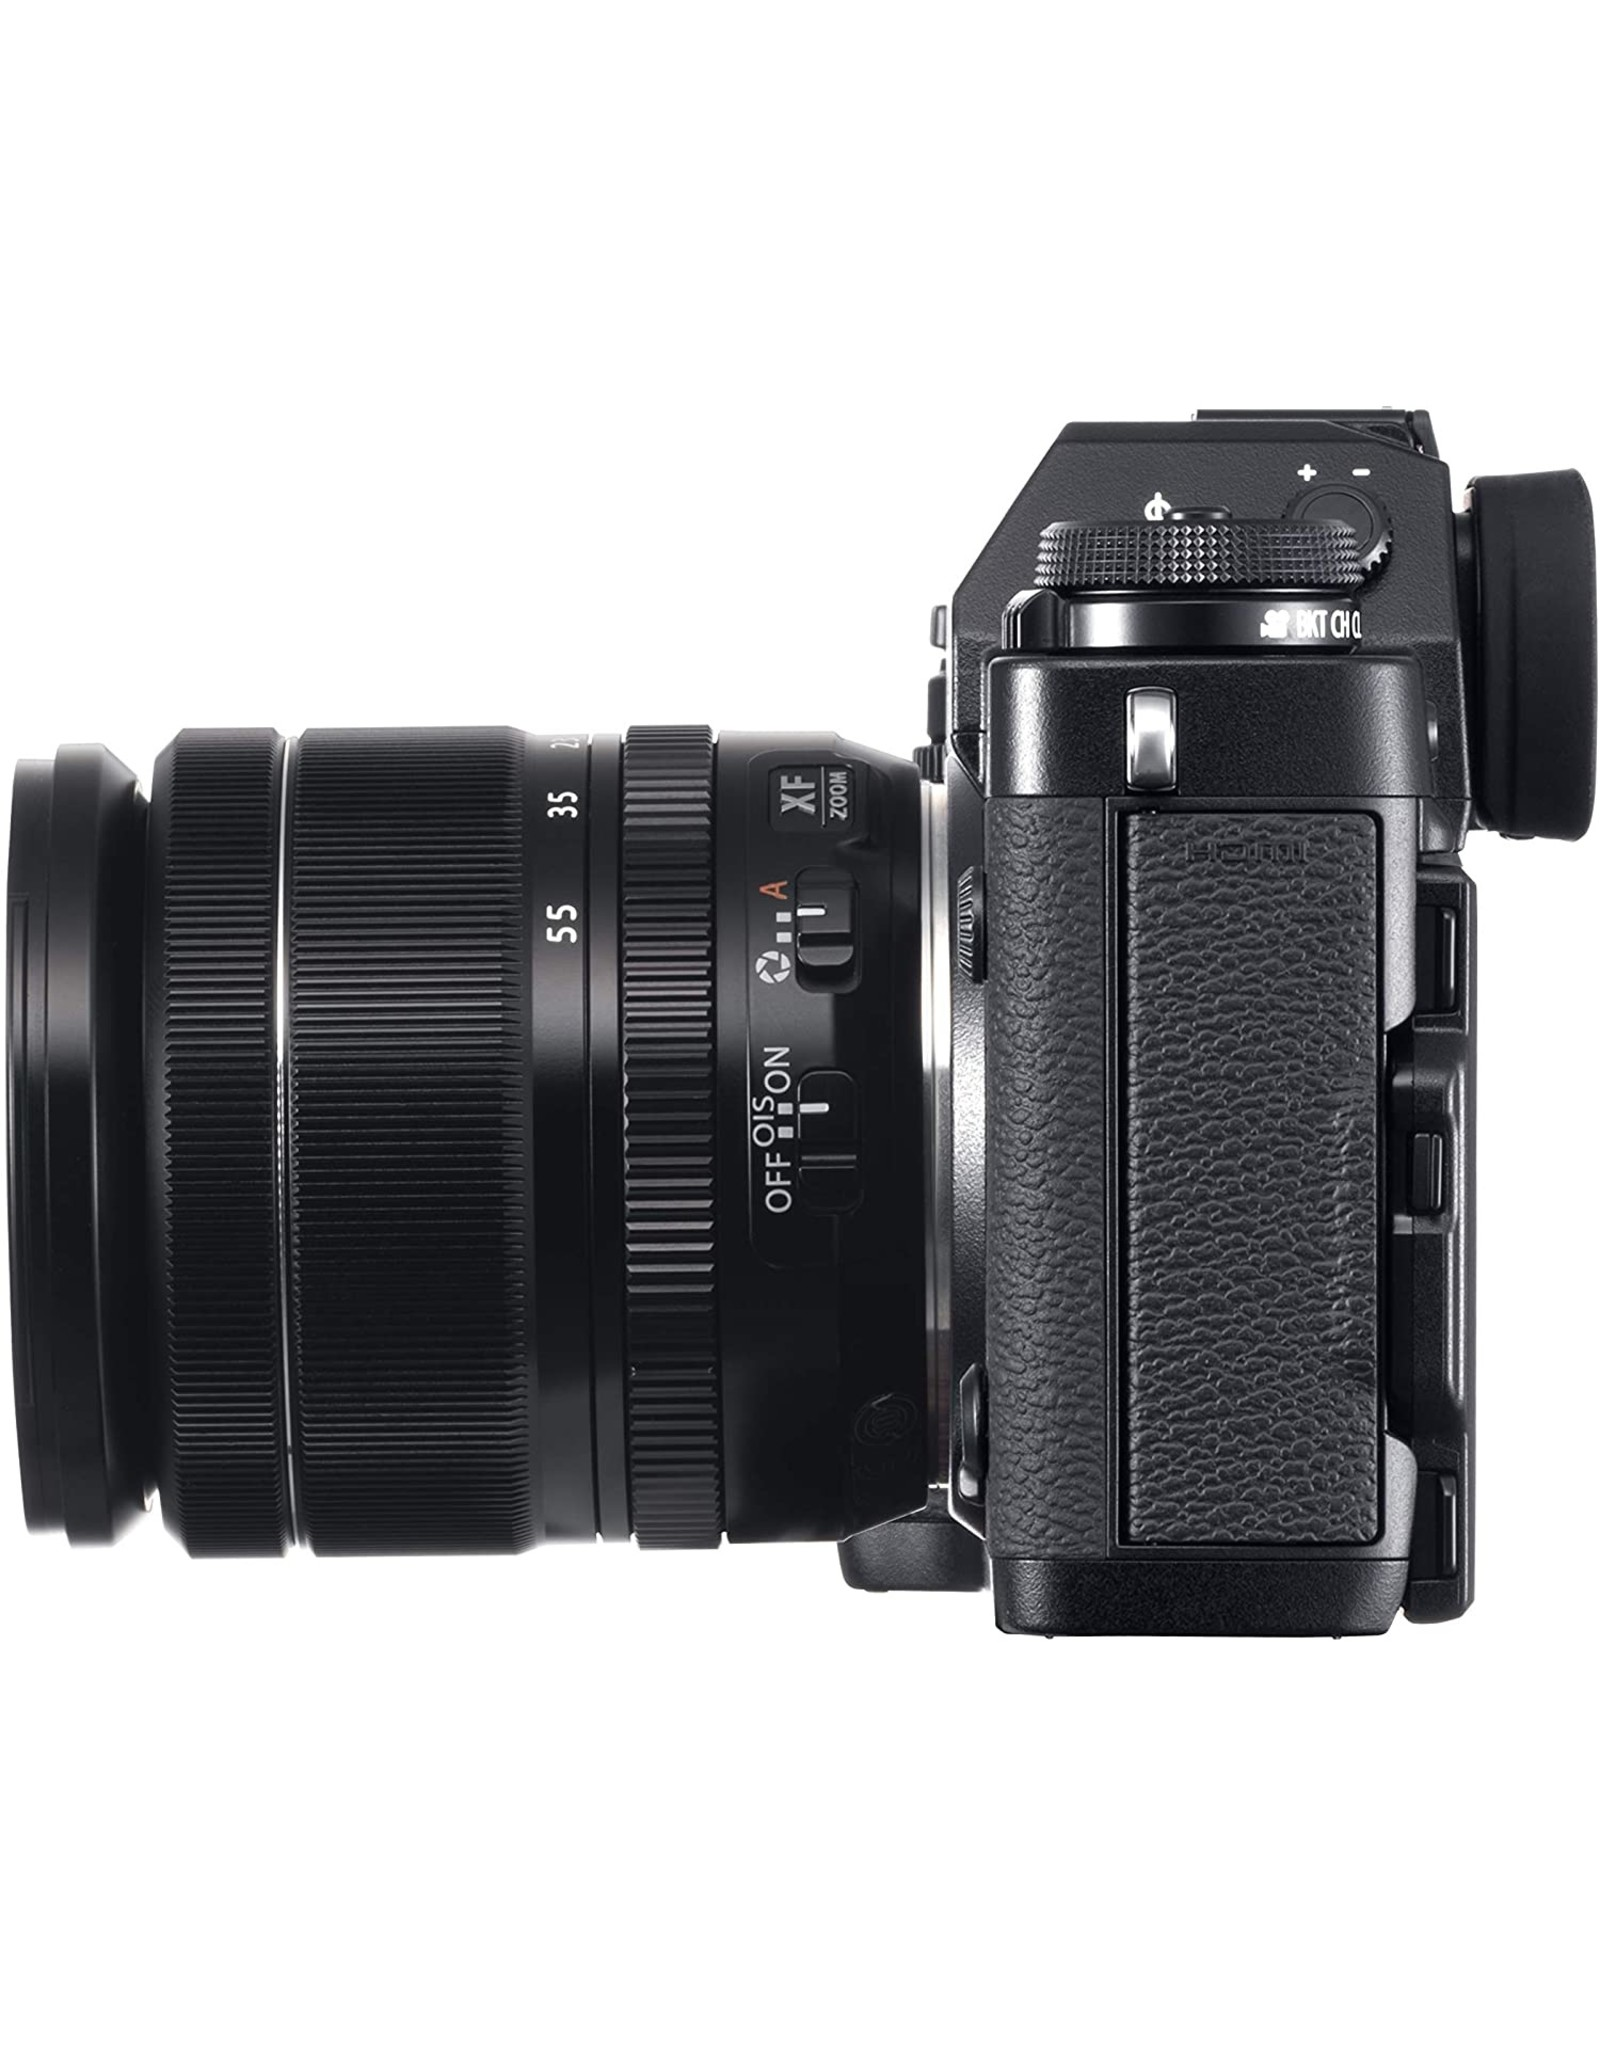 Fuji Fuji X-T3 + 18-55mm f2.8-4 R LM OIS Black